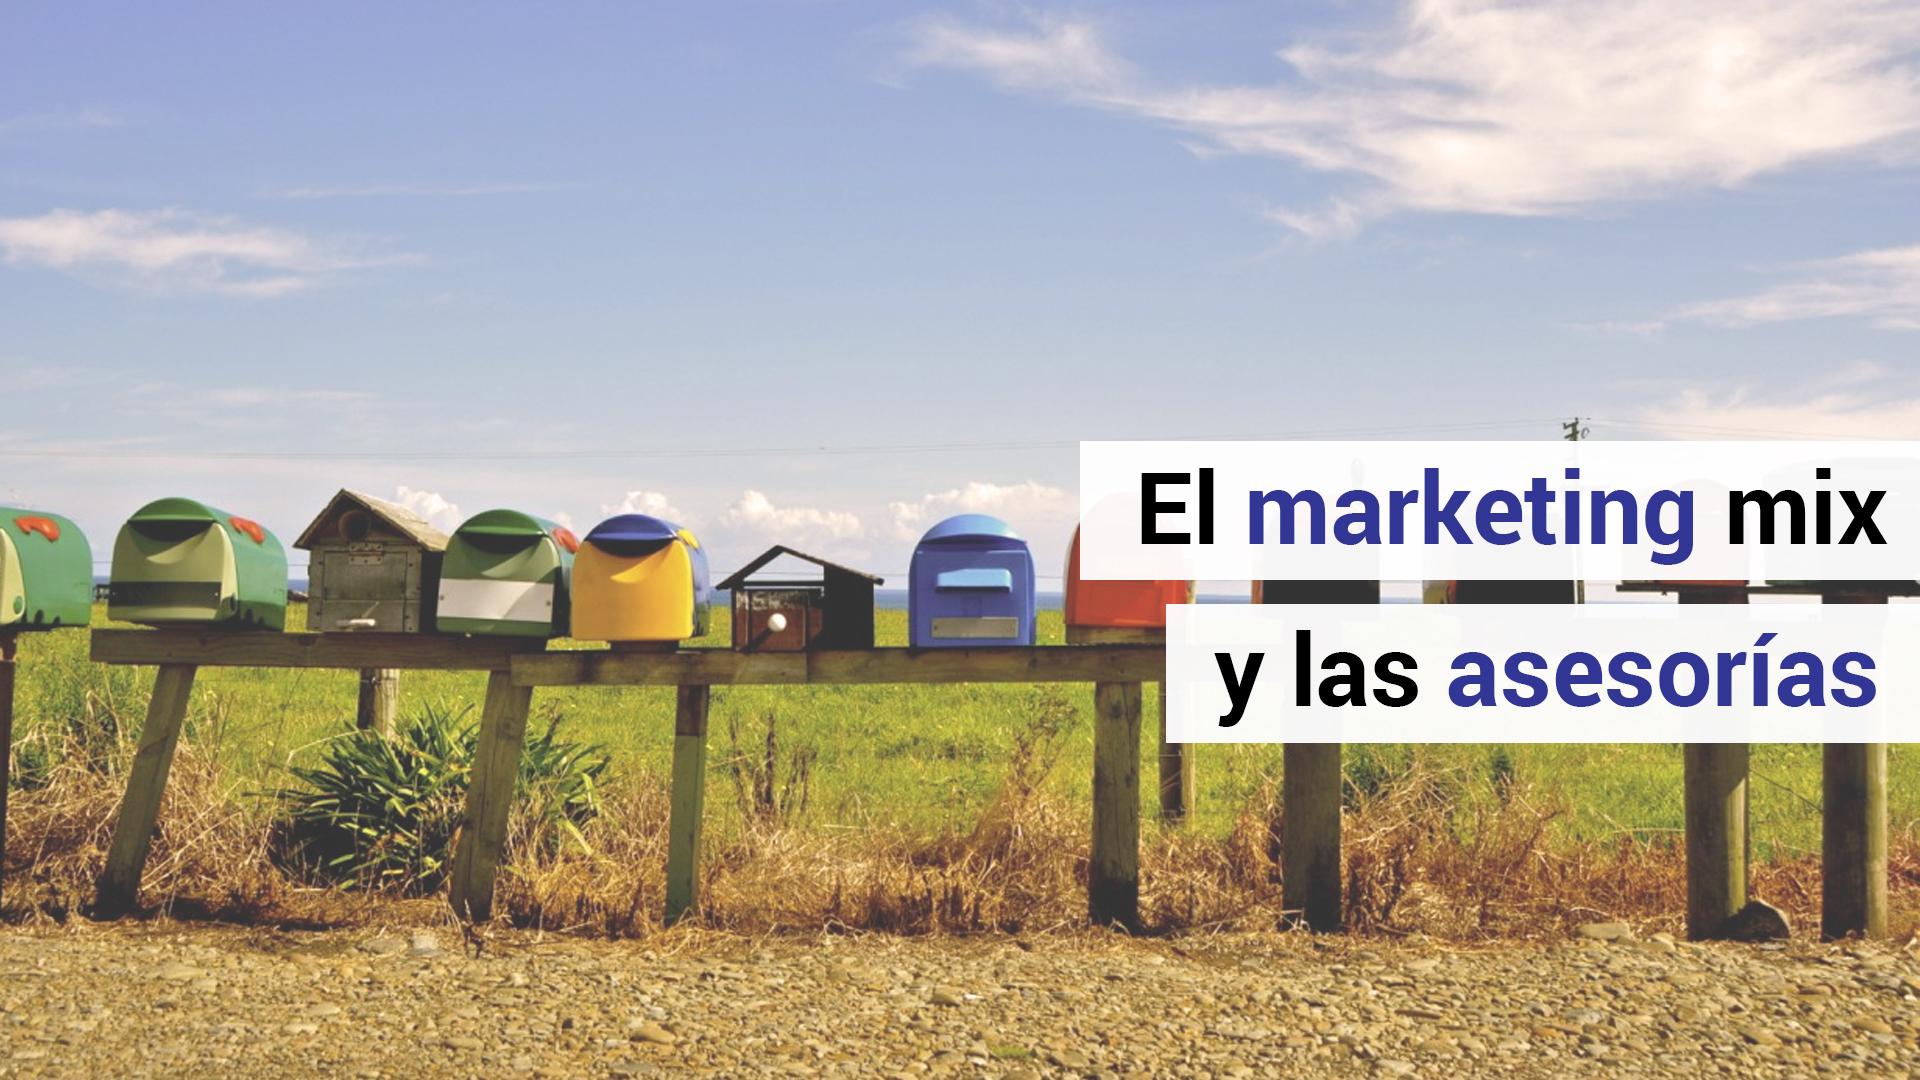 Dudas de marketing: ¿cómo aplicar el mix de marketing en asesorías?